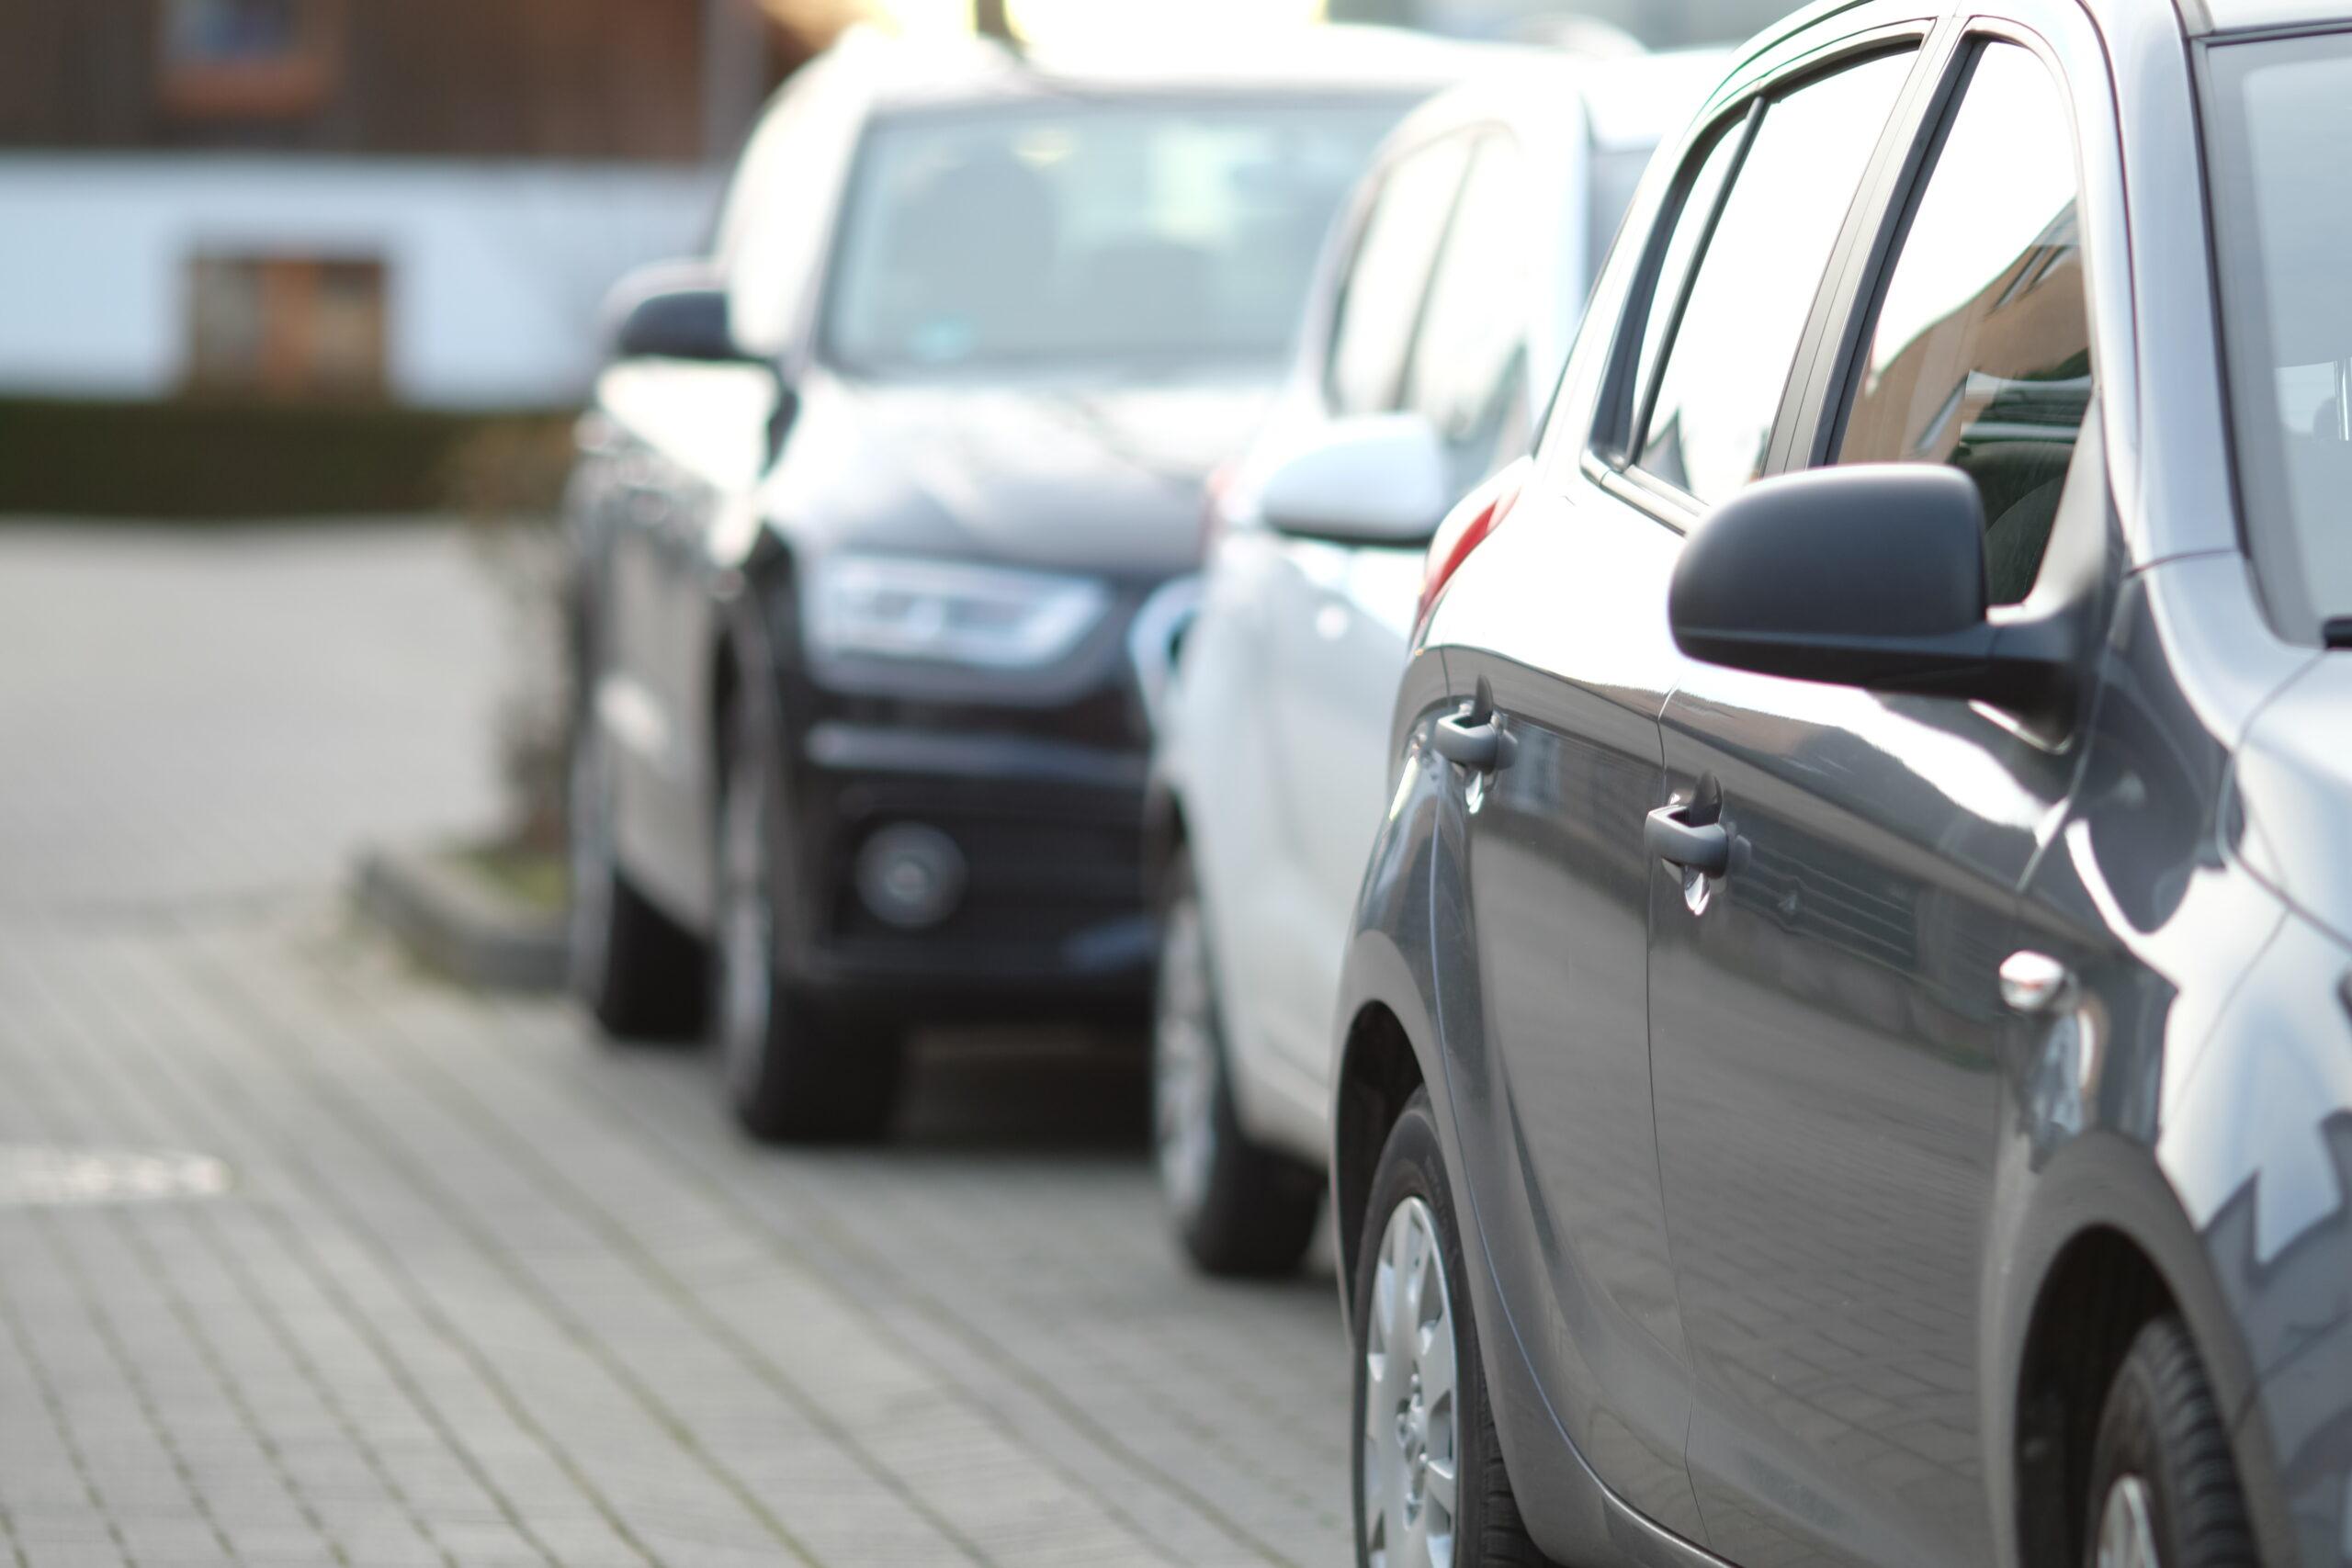 Parcheggi Villaggio Falck: niente divieto di sosta negli orari del lavaggio strada